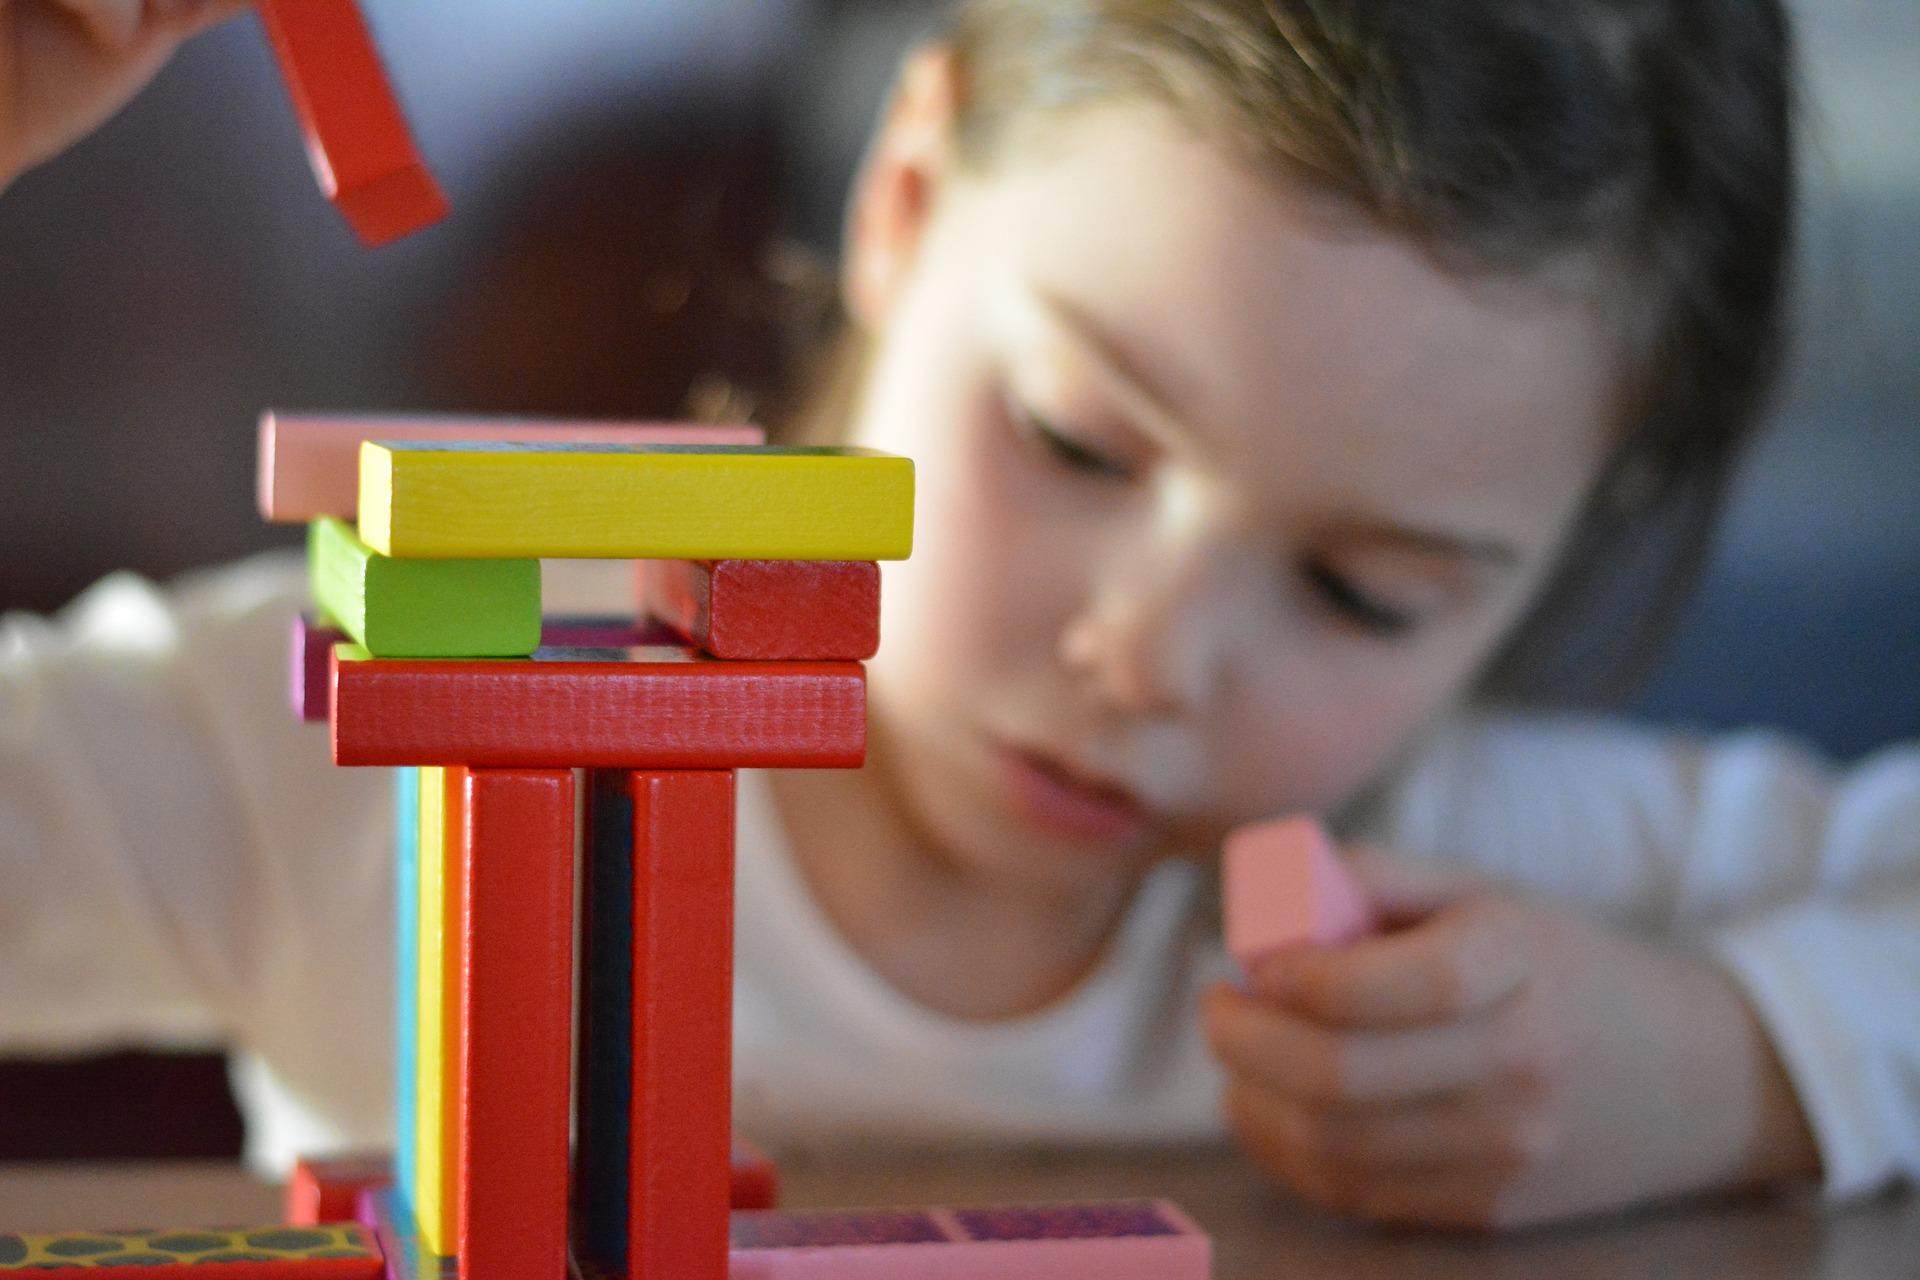 Wat is kindercoaching - Kindercoaching is een laagdrempelige, kortdurende vorm van hulp voor kinderen en jongeren van 4 tot 18 jaar. Ik help het kind om zelf oplossingen te zoeken en zo zijn eigen doel te bereiken.Bij mij staat jouw kind centraal. Ik kijk vanuit verschillende invalshoeken naar het kind en de klacht. Lees verderLees hier informatie geschreven voor uw kind